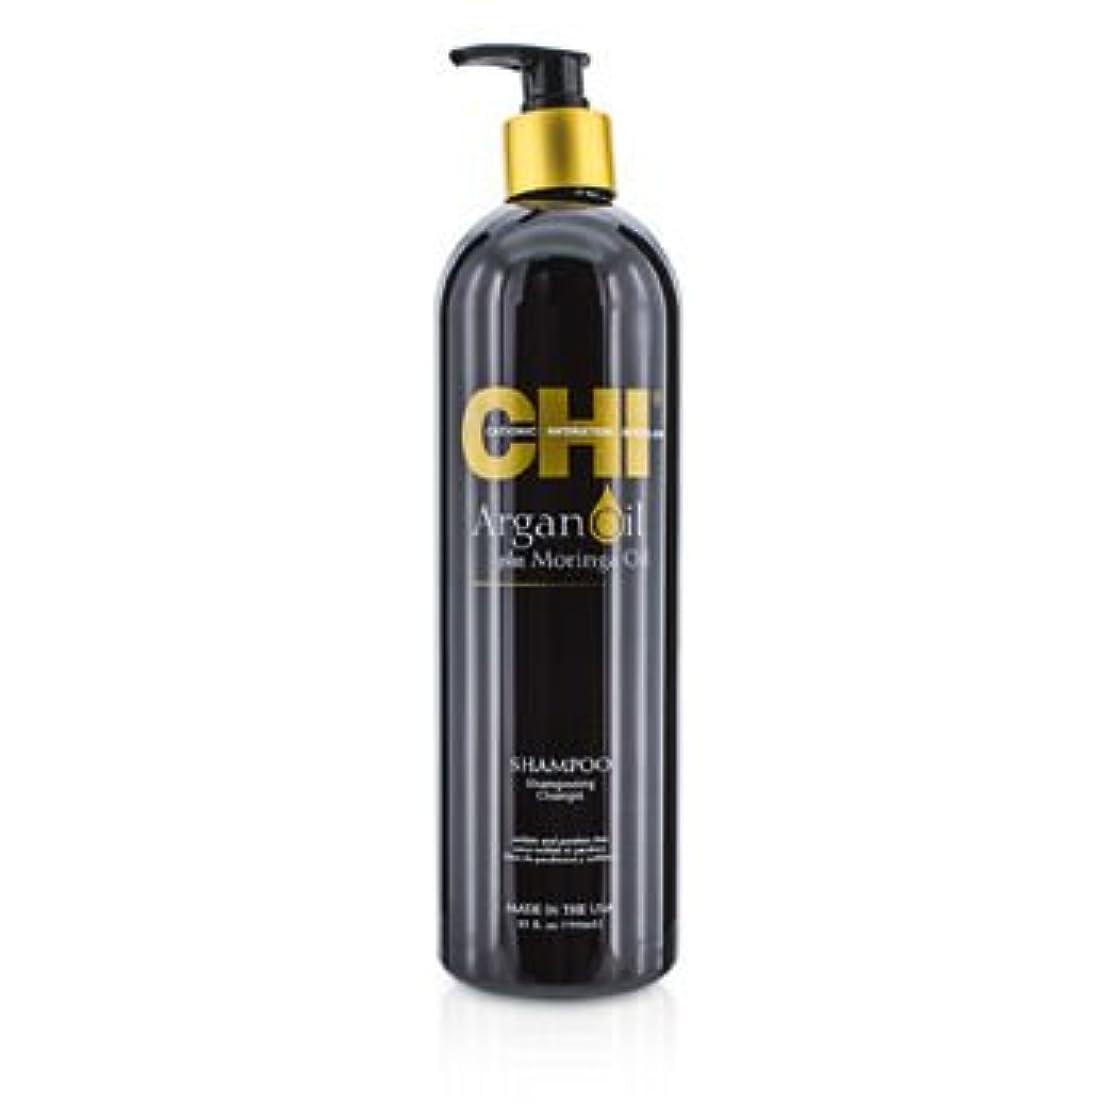 デイジーまぶしさ認知[CHI] Argan Oil Plus Moringa Oil Shampoo 739ml/25oz